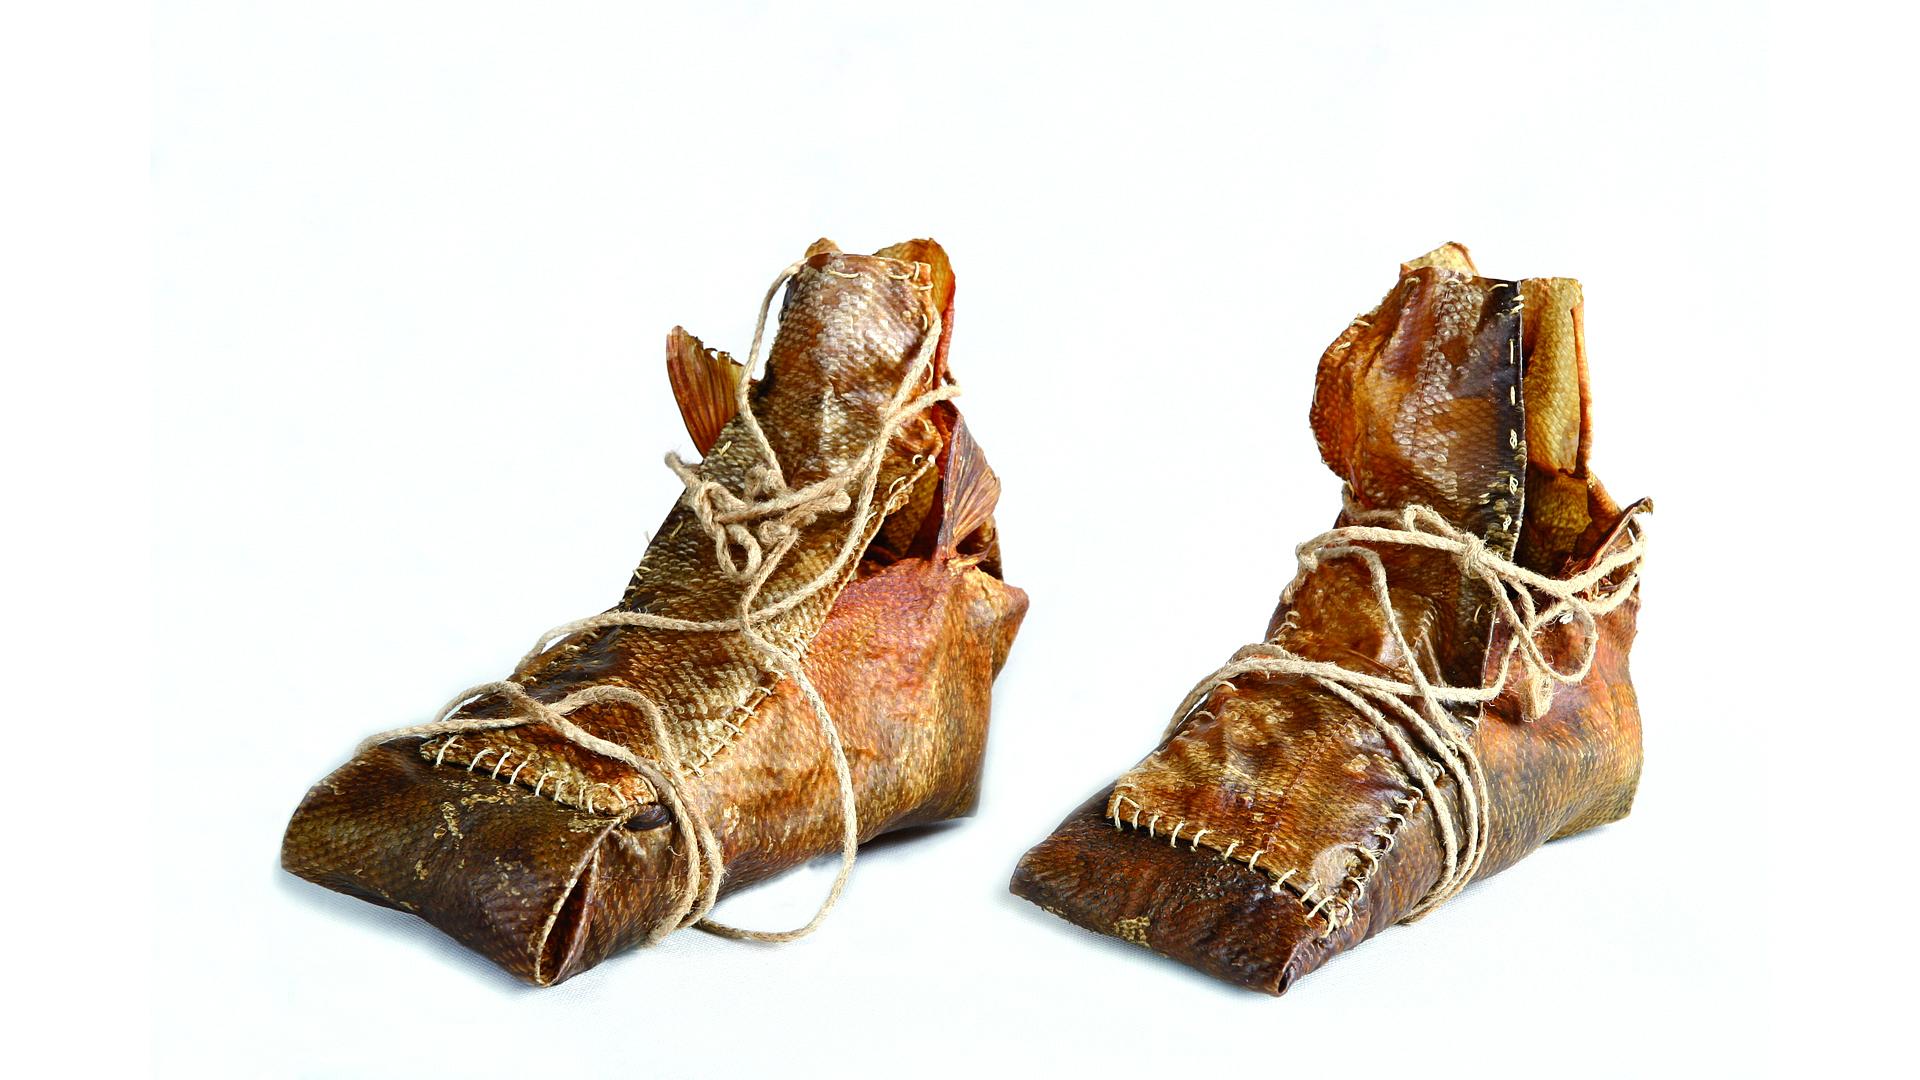 Buty z łososia - Ajnowie